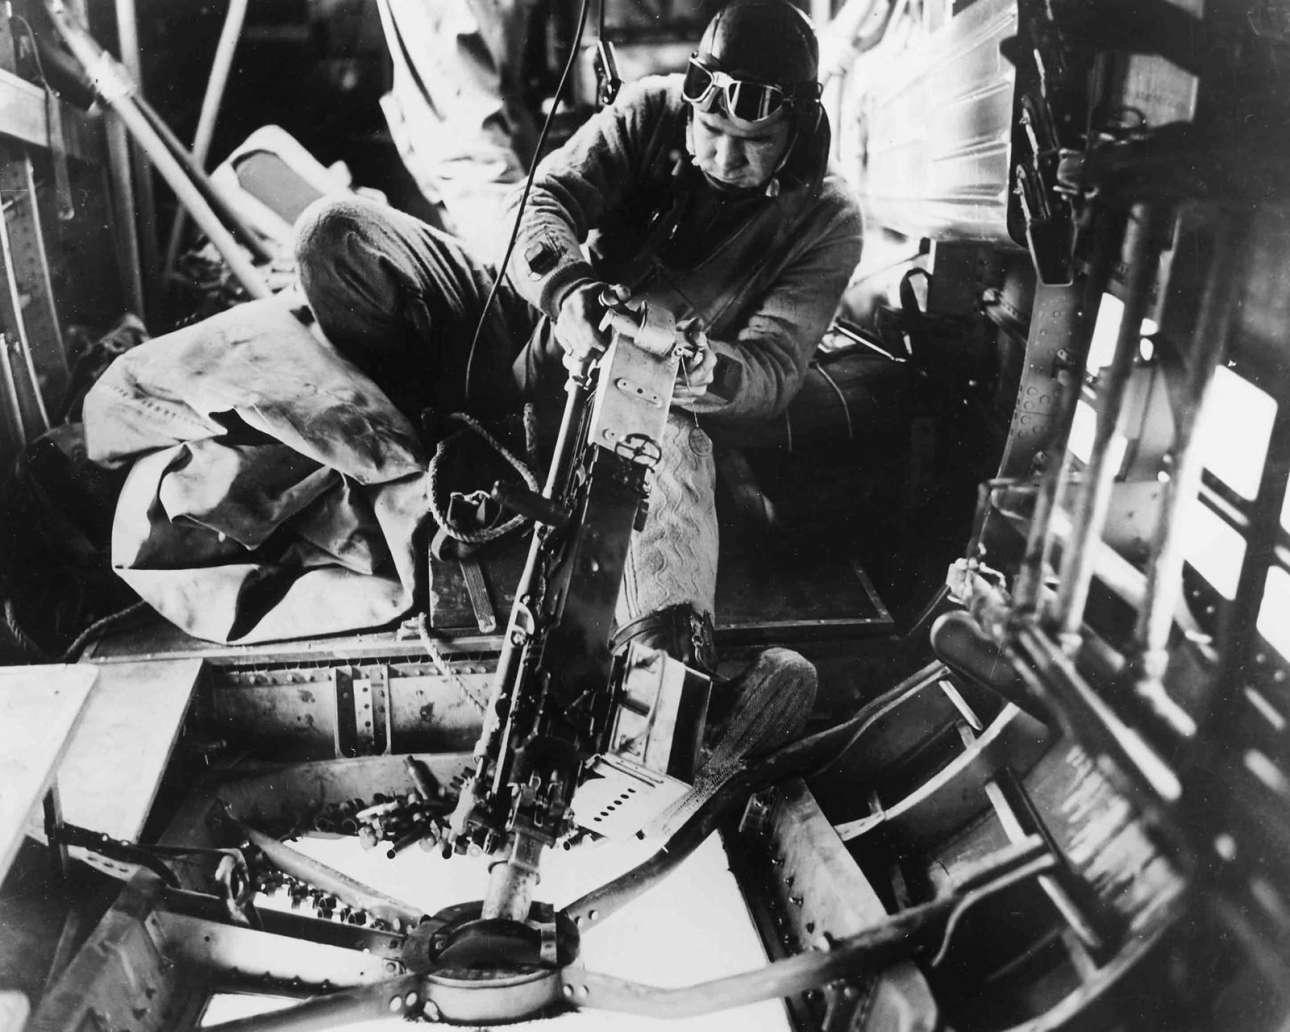 Αχρονολόγητο στιγμιότυπο από ώρα μάχης: ο Γουίλιαμ Γουάτς, πυροβολητής σε αεροσκάφος της Πολεμικής Αεροπορίας των ΗΠΑ, μάχεται εναντίον γερμανικών αεροπλάνων